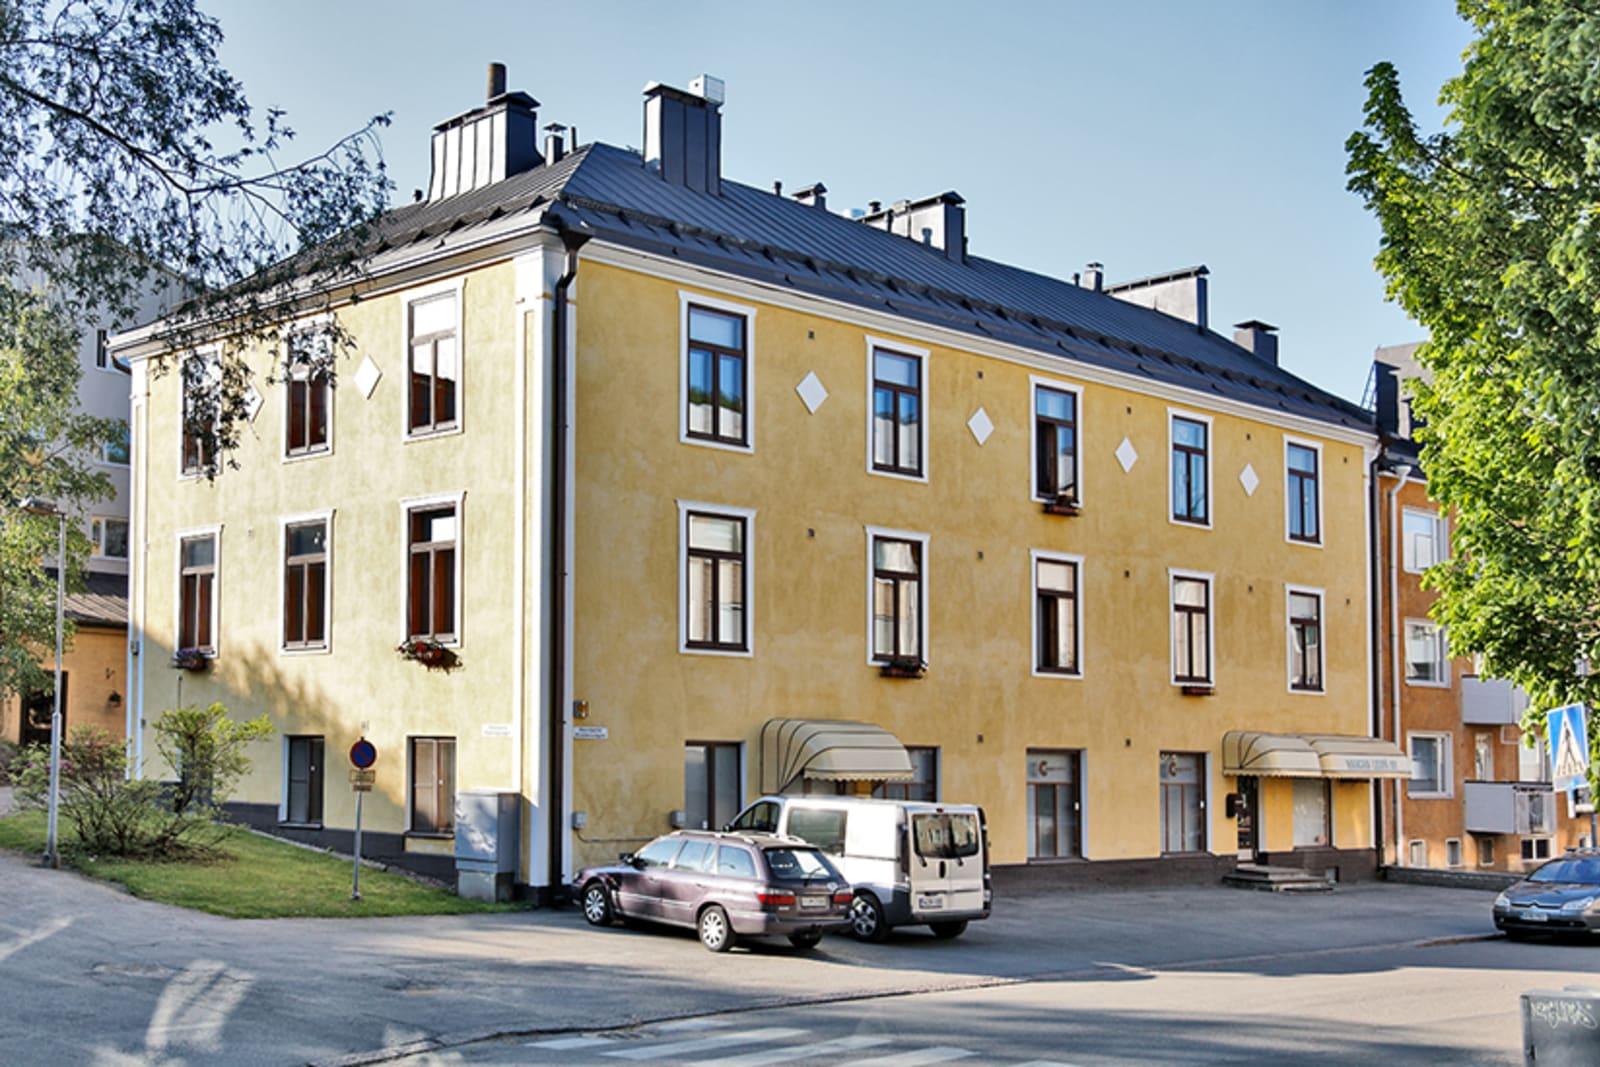 Helsinki, Etelä-Haaga, Ristolantie 7